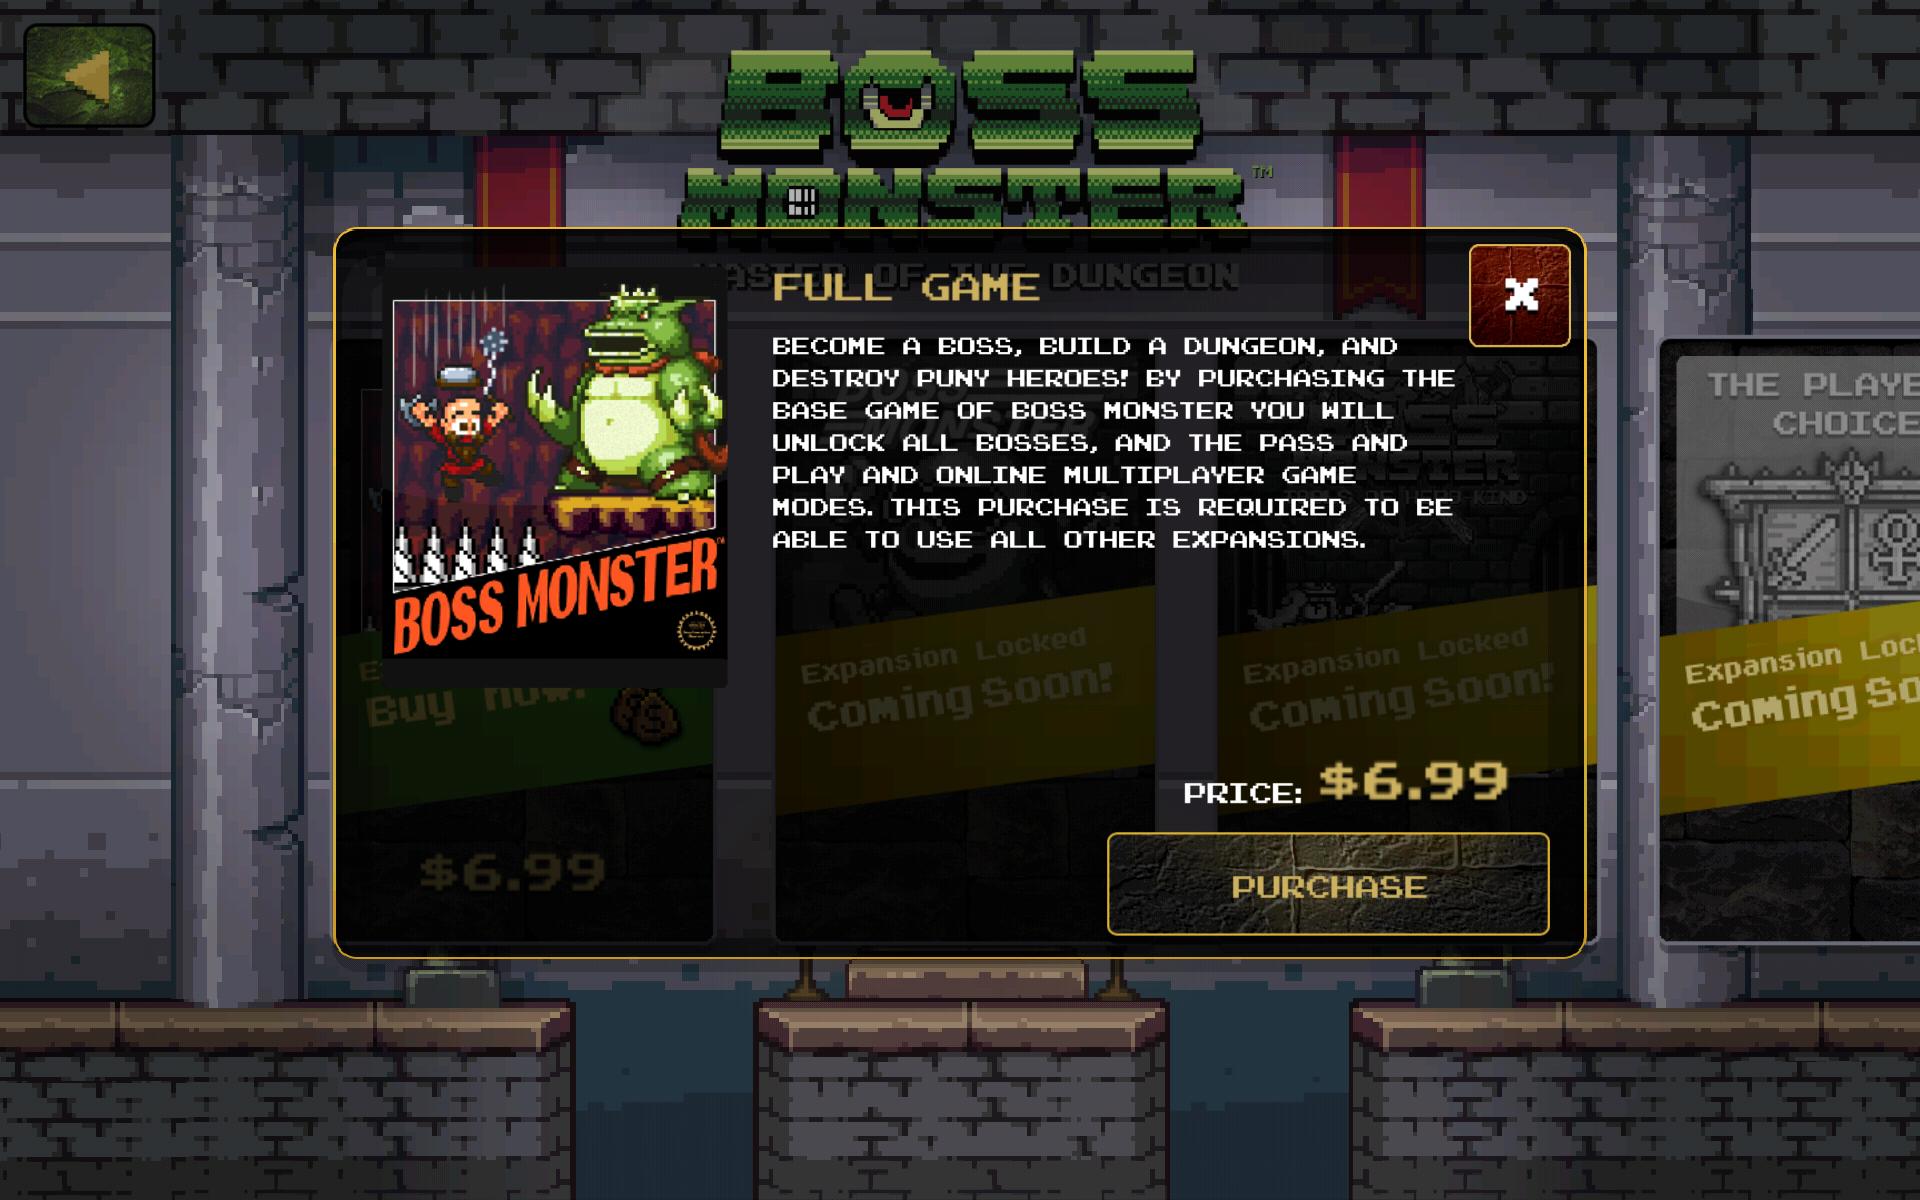 BossMonster3